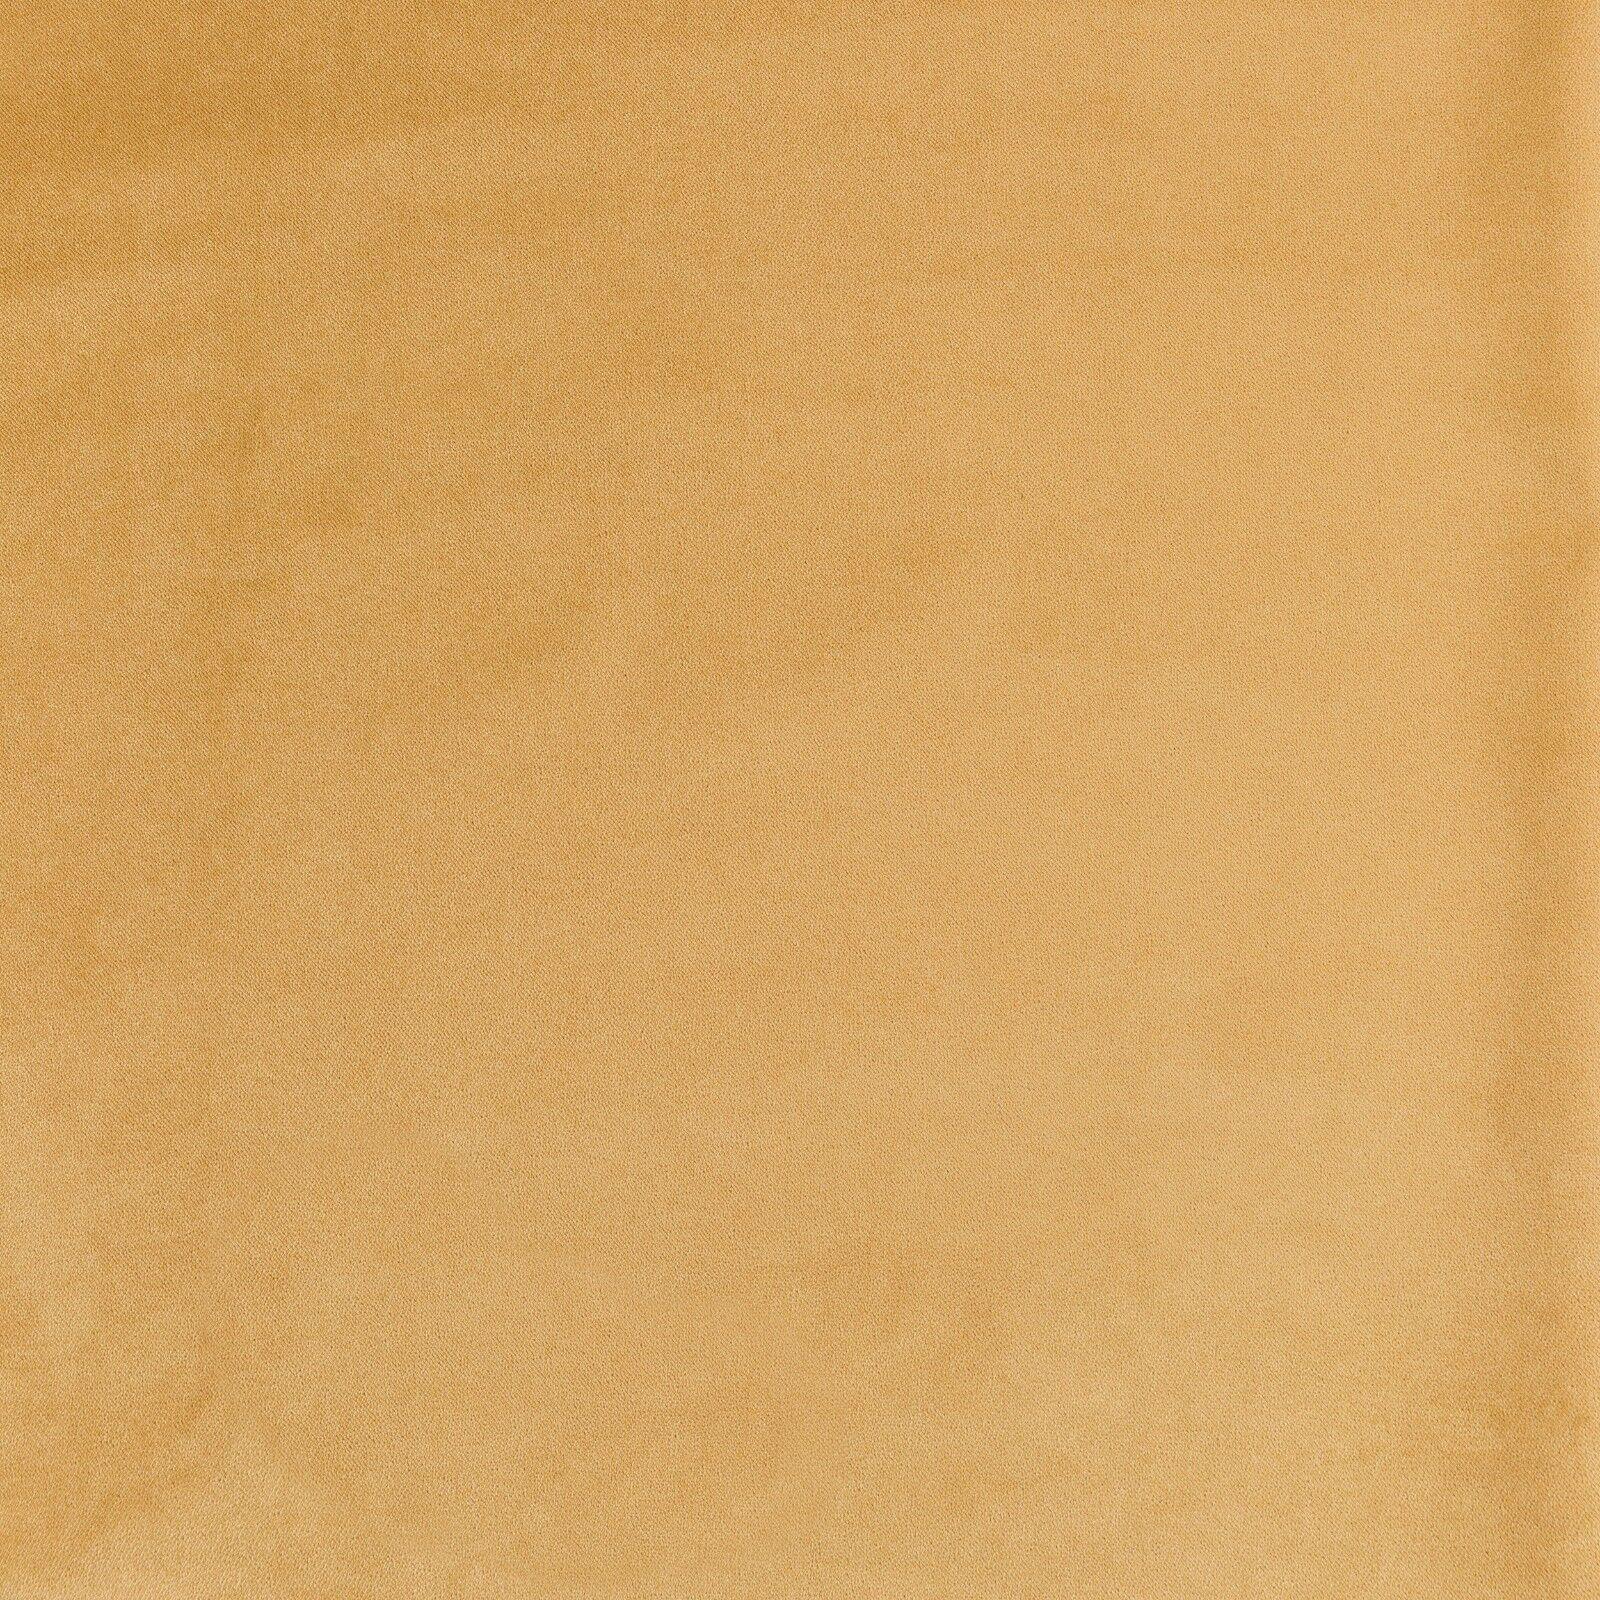 McAlister textiles CLASSIC MATT velours ocre jaune souple de luxe paire de rideaux